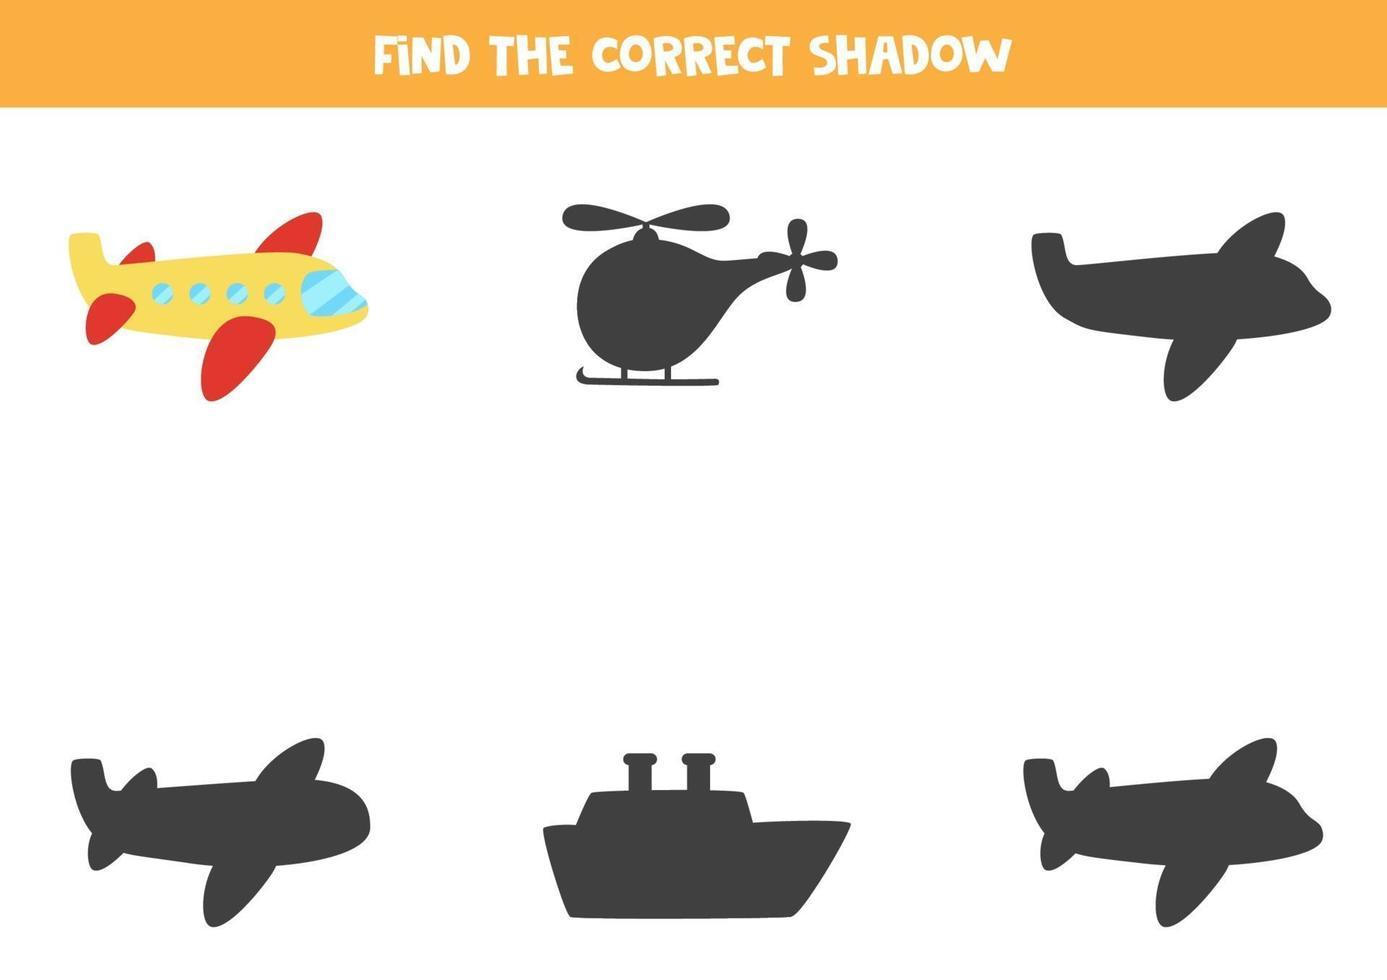 trouver l'ombre correcte de l'avion. puzzle logique pour les enfants. vecteur